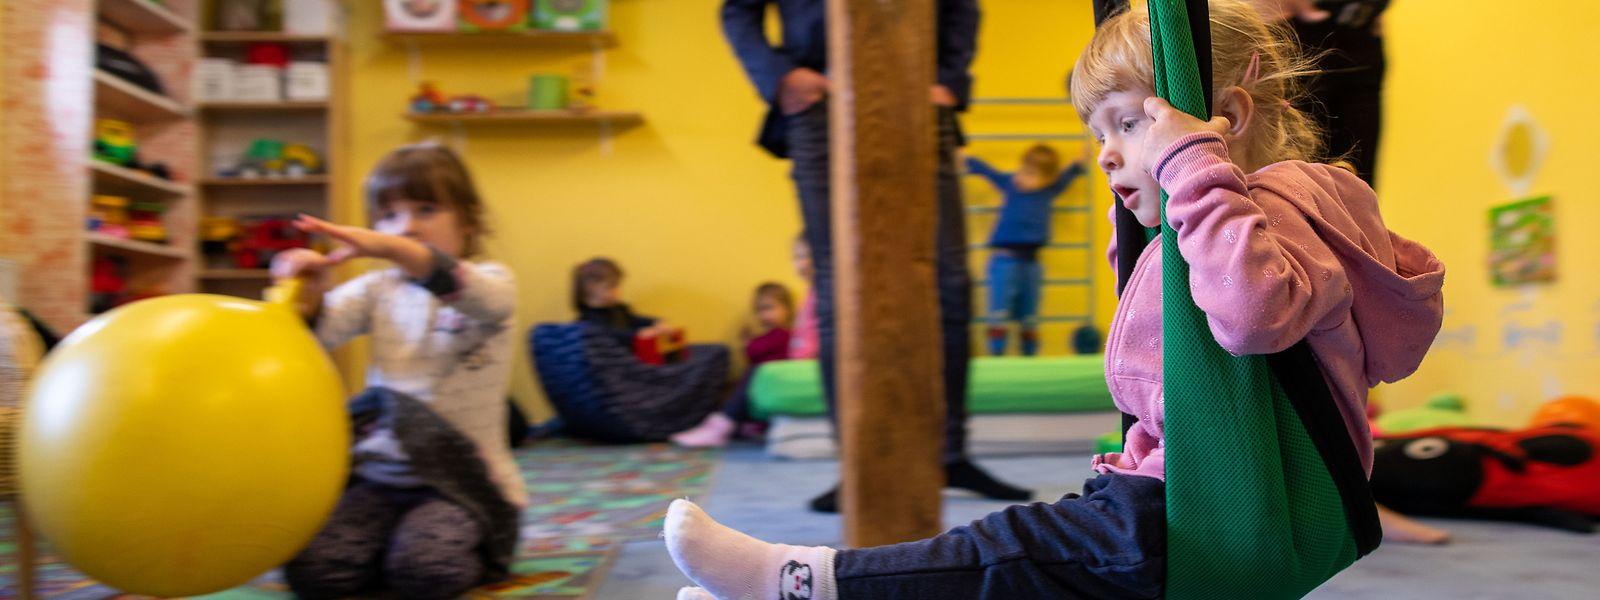 Der Psychologe Gilbert Pregno macht sich mit Blick auf die Wiedereröffnung der Betreuungsstrukturen und Schulen Sorgen um die kleinen Kinder und Kinder mit spezifischen Bedürfnissen.